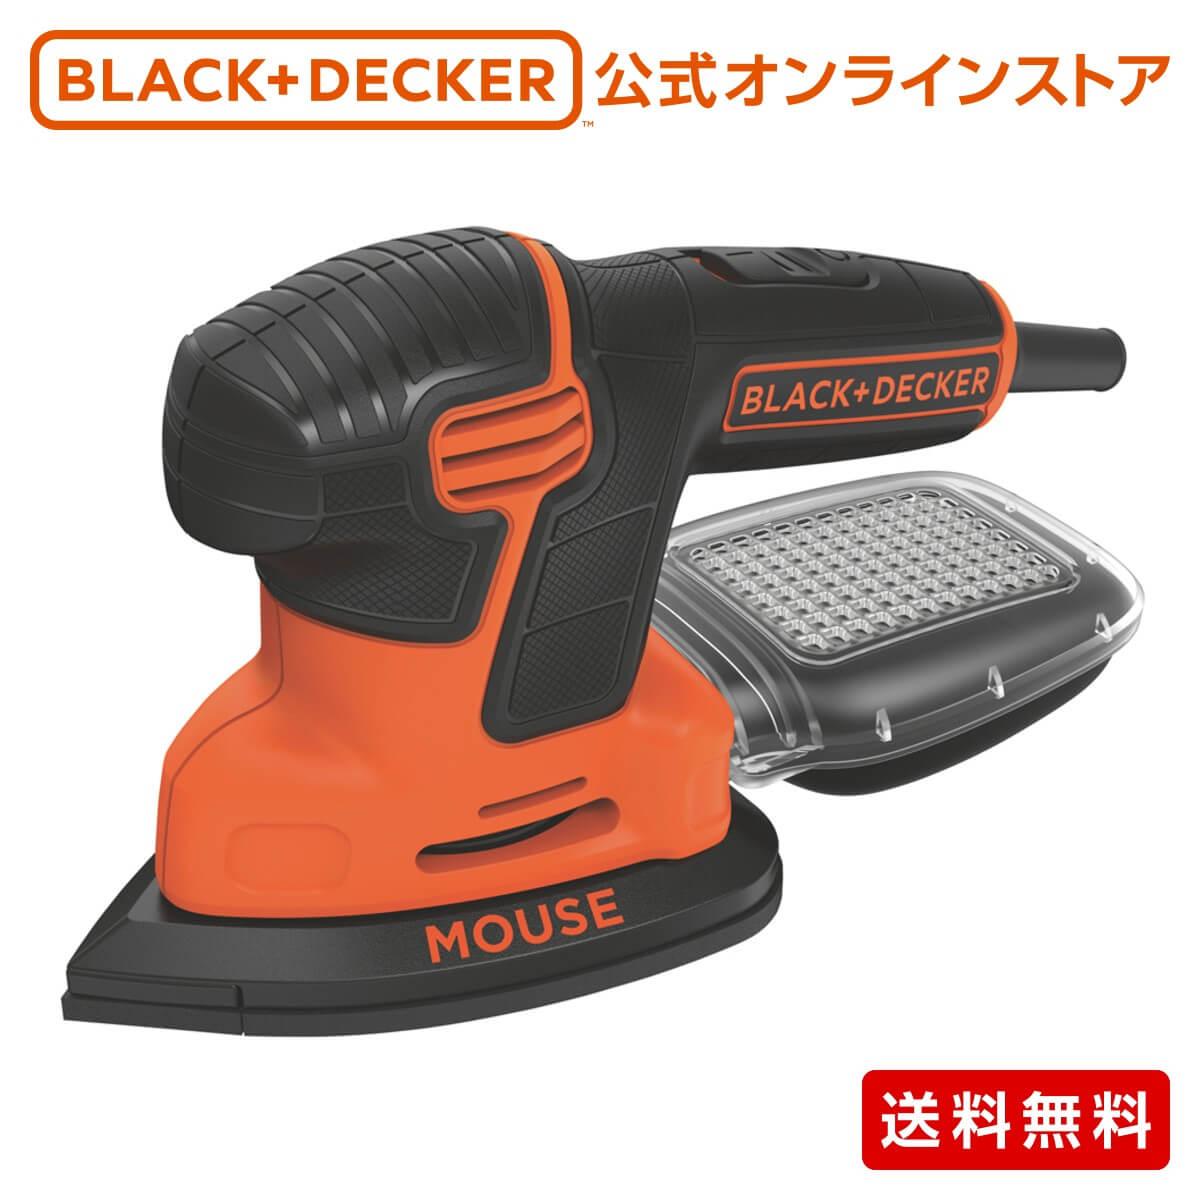 【ポイント4倍】 ブラックアンドデッカー (公式) KA2000 高集塵マウスサンダー 正規品 保証付き